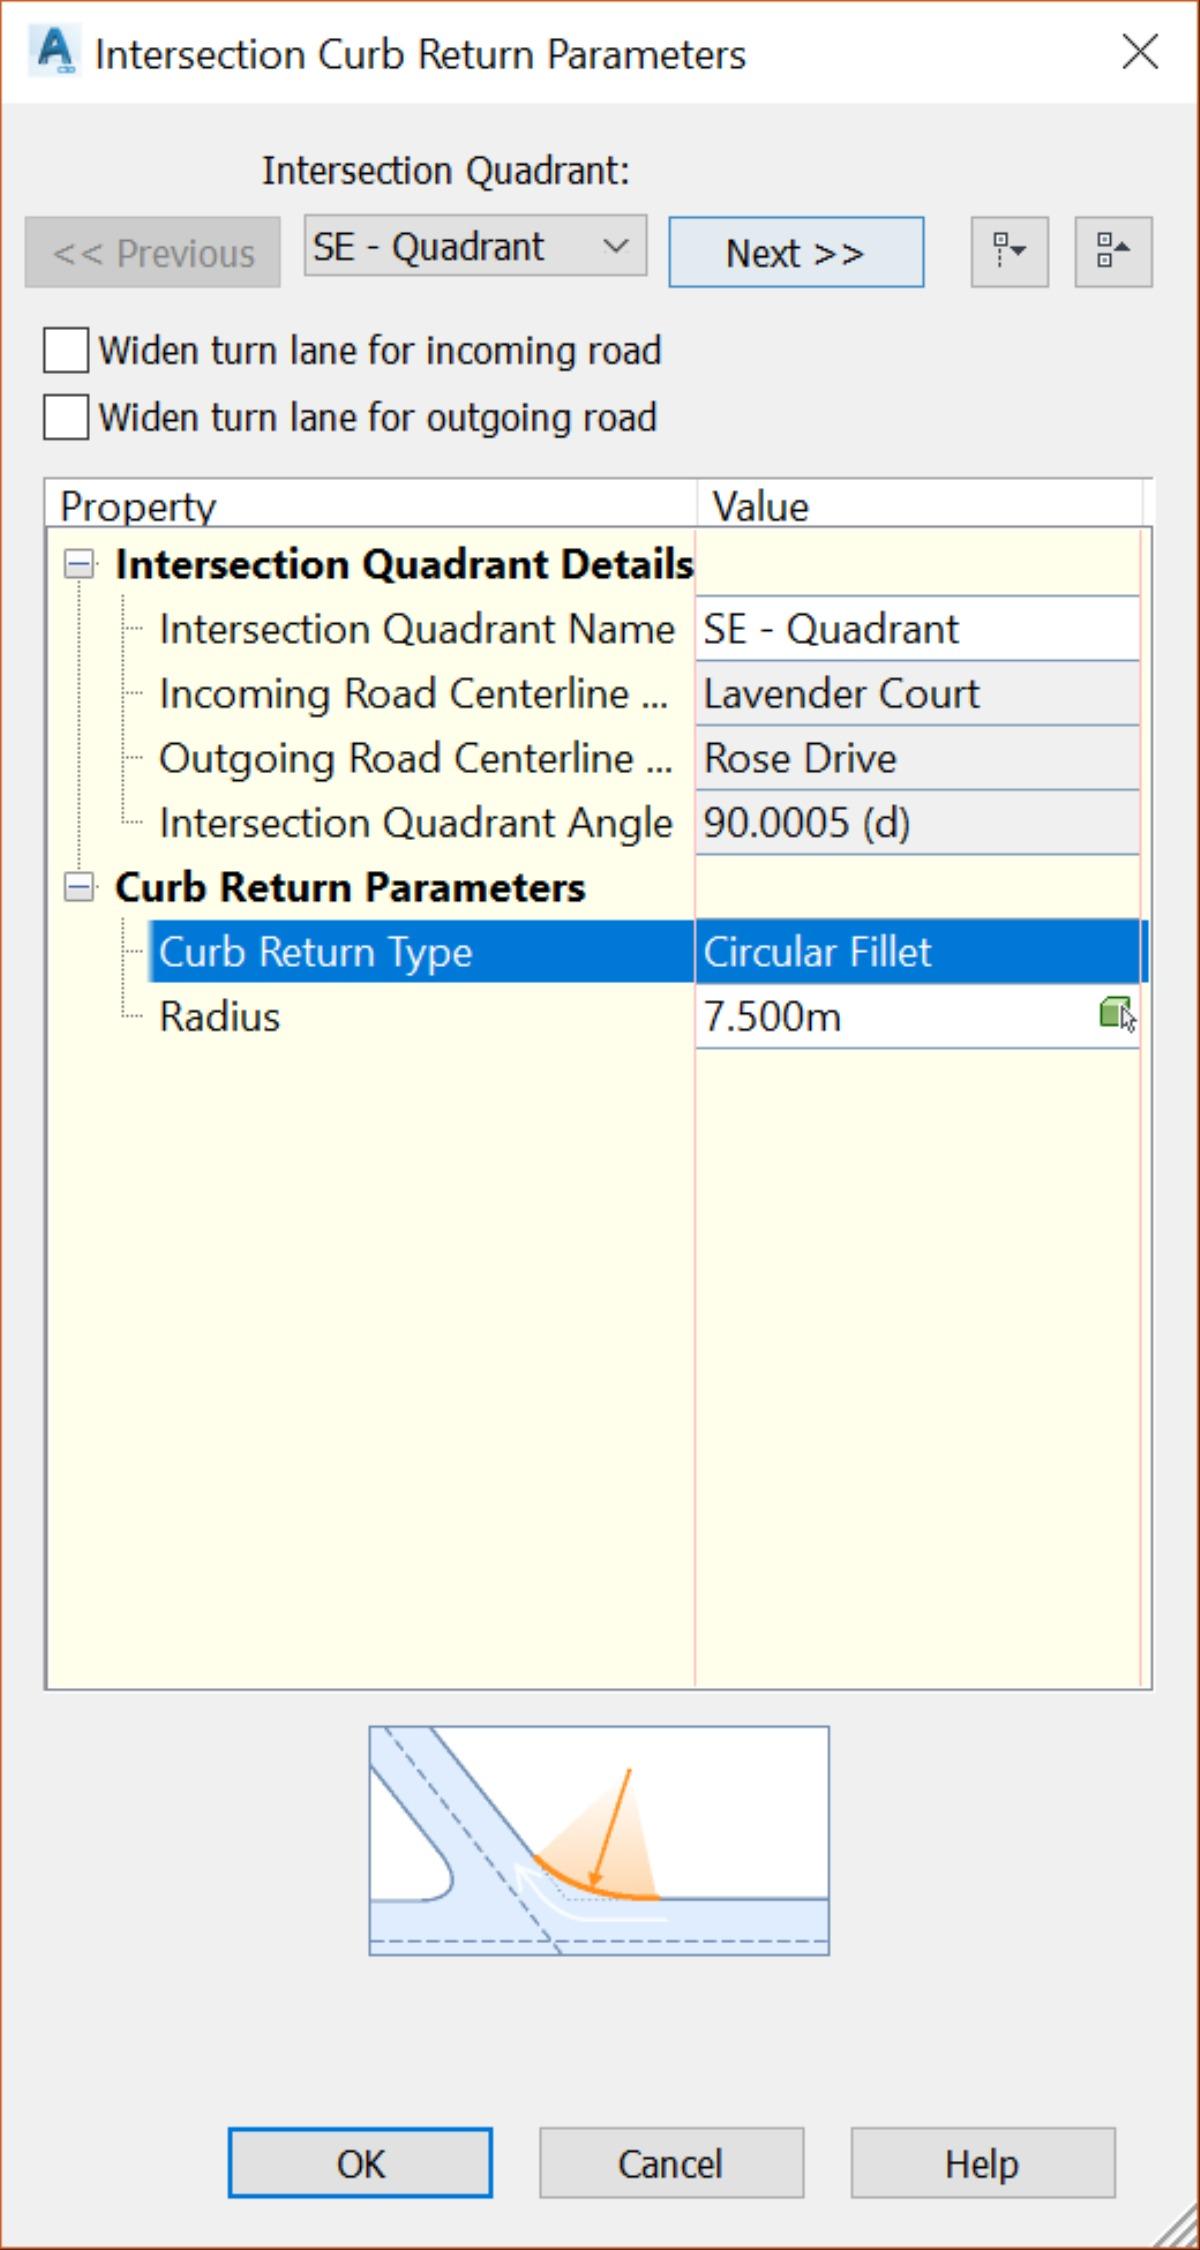 C:\Users\Infratech.Civil\AppData\Local\Microsoft\Windows\INetCache\Content.MSO\C55E77E9.tmp